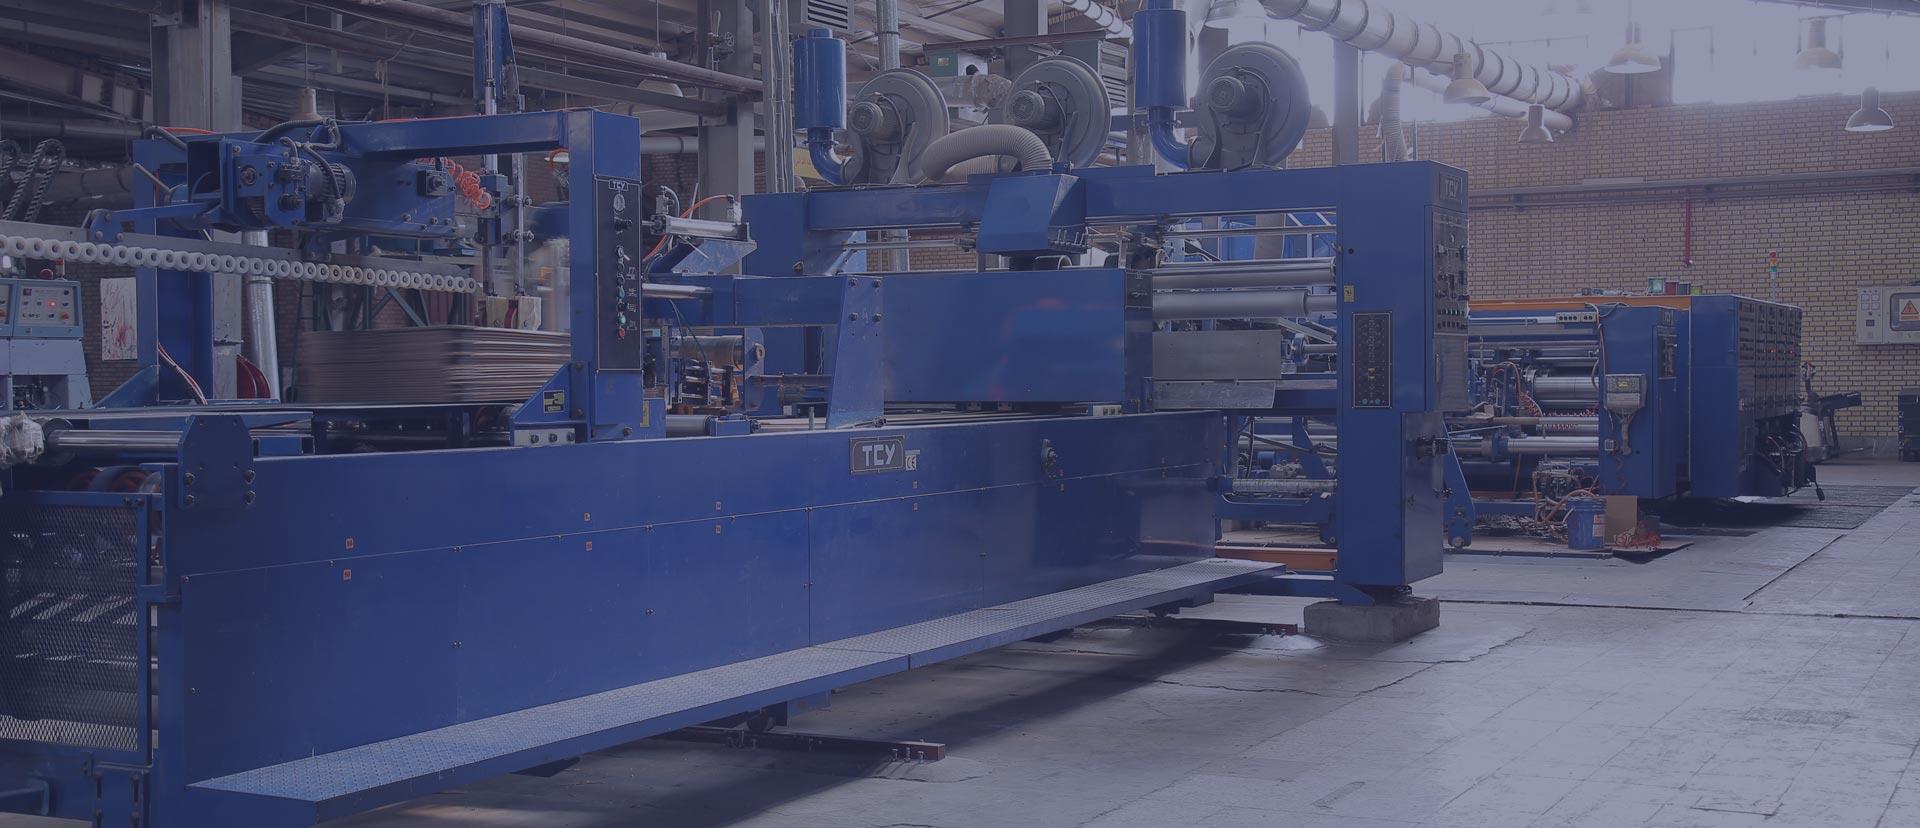 تجهیزات و ماشین آلات|شرکت بسته بندی پرند پیشتاز